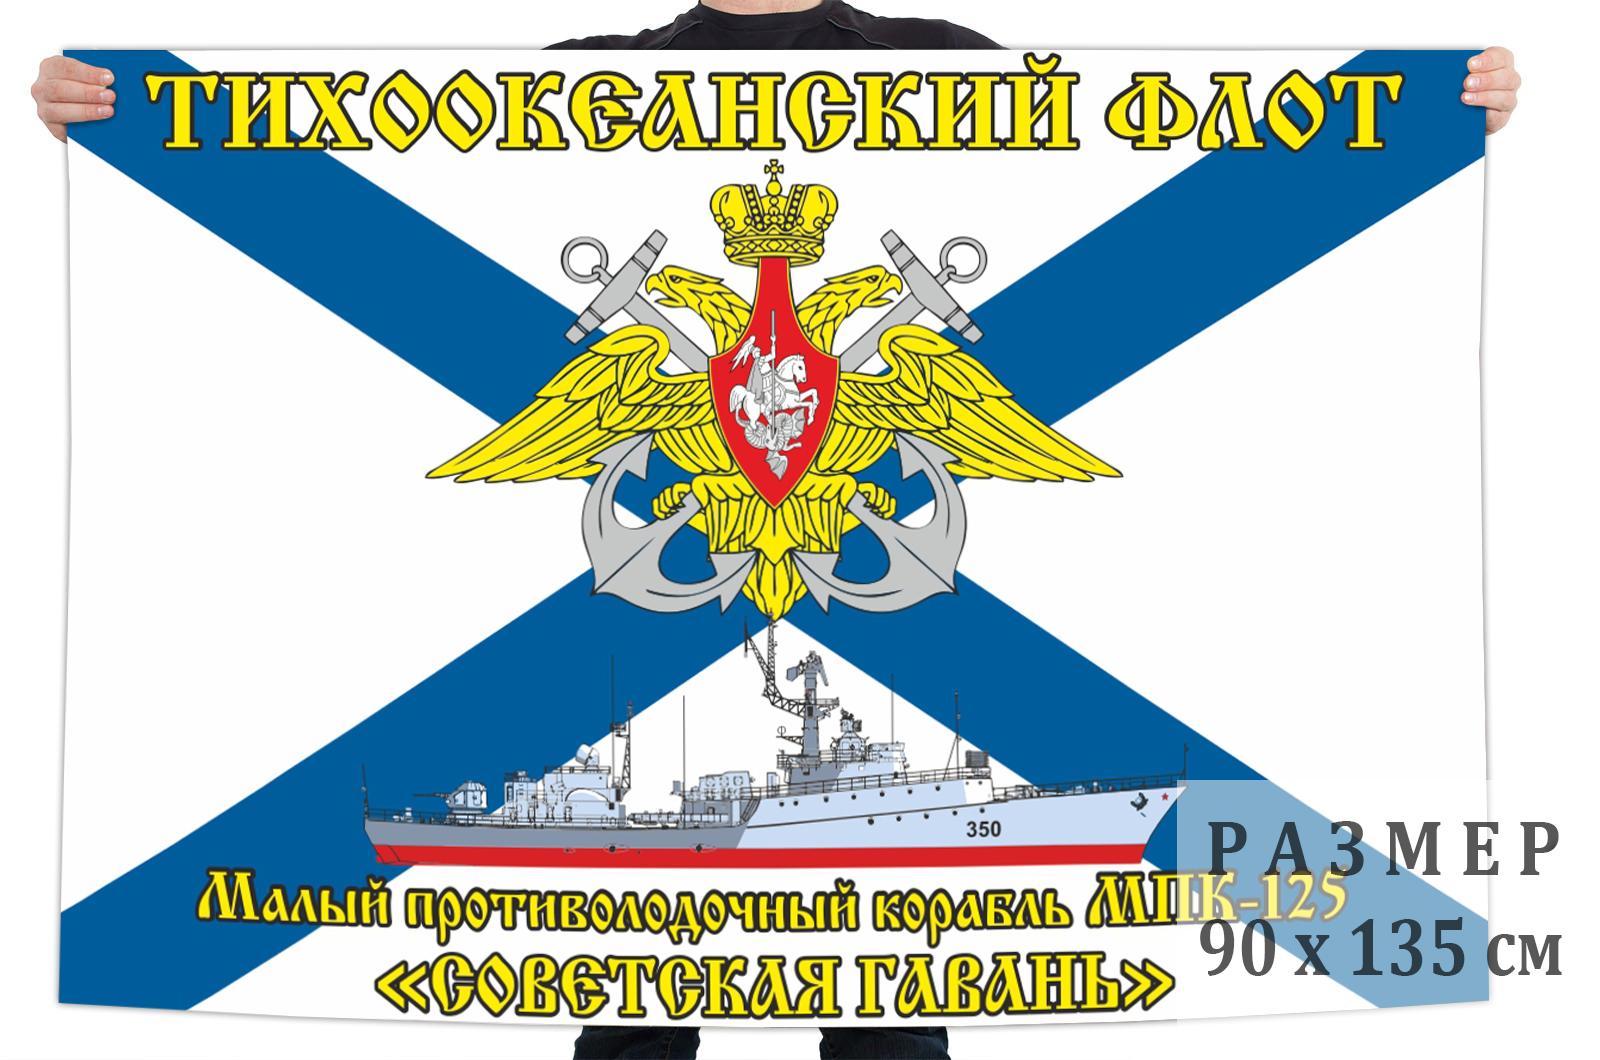 """Флаг малого противолодочного корабля МПК-125 """"Советская гавань"""""""